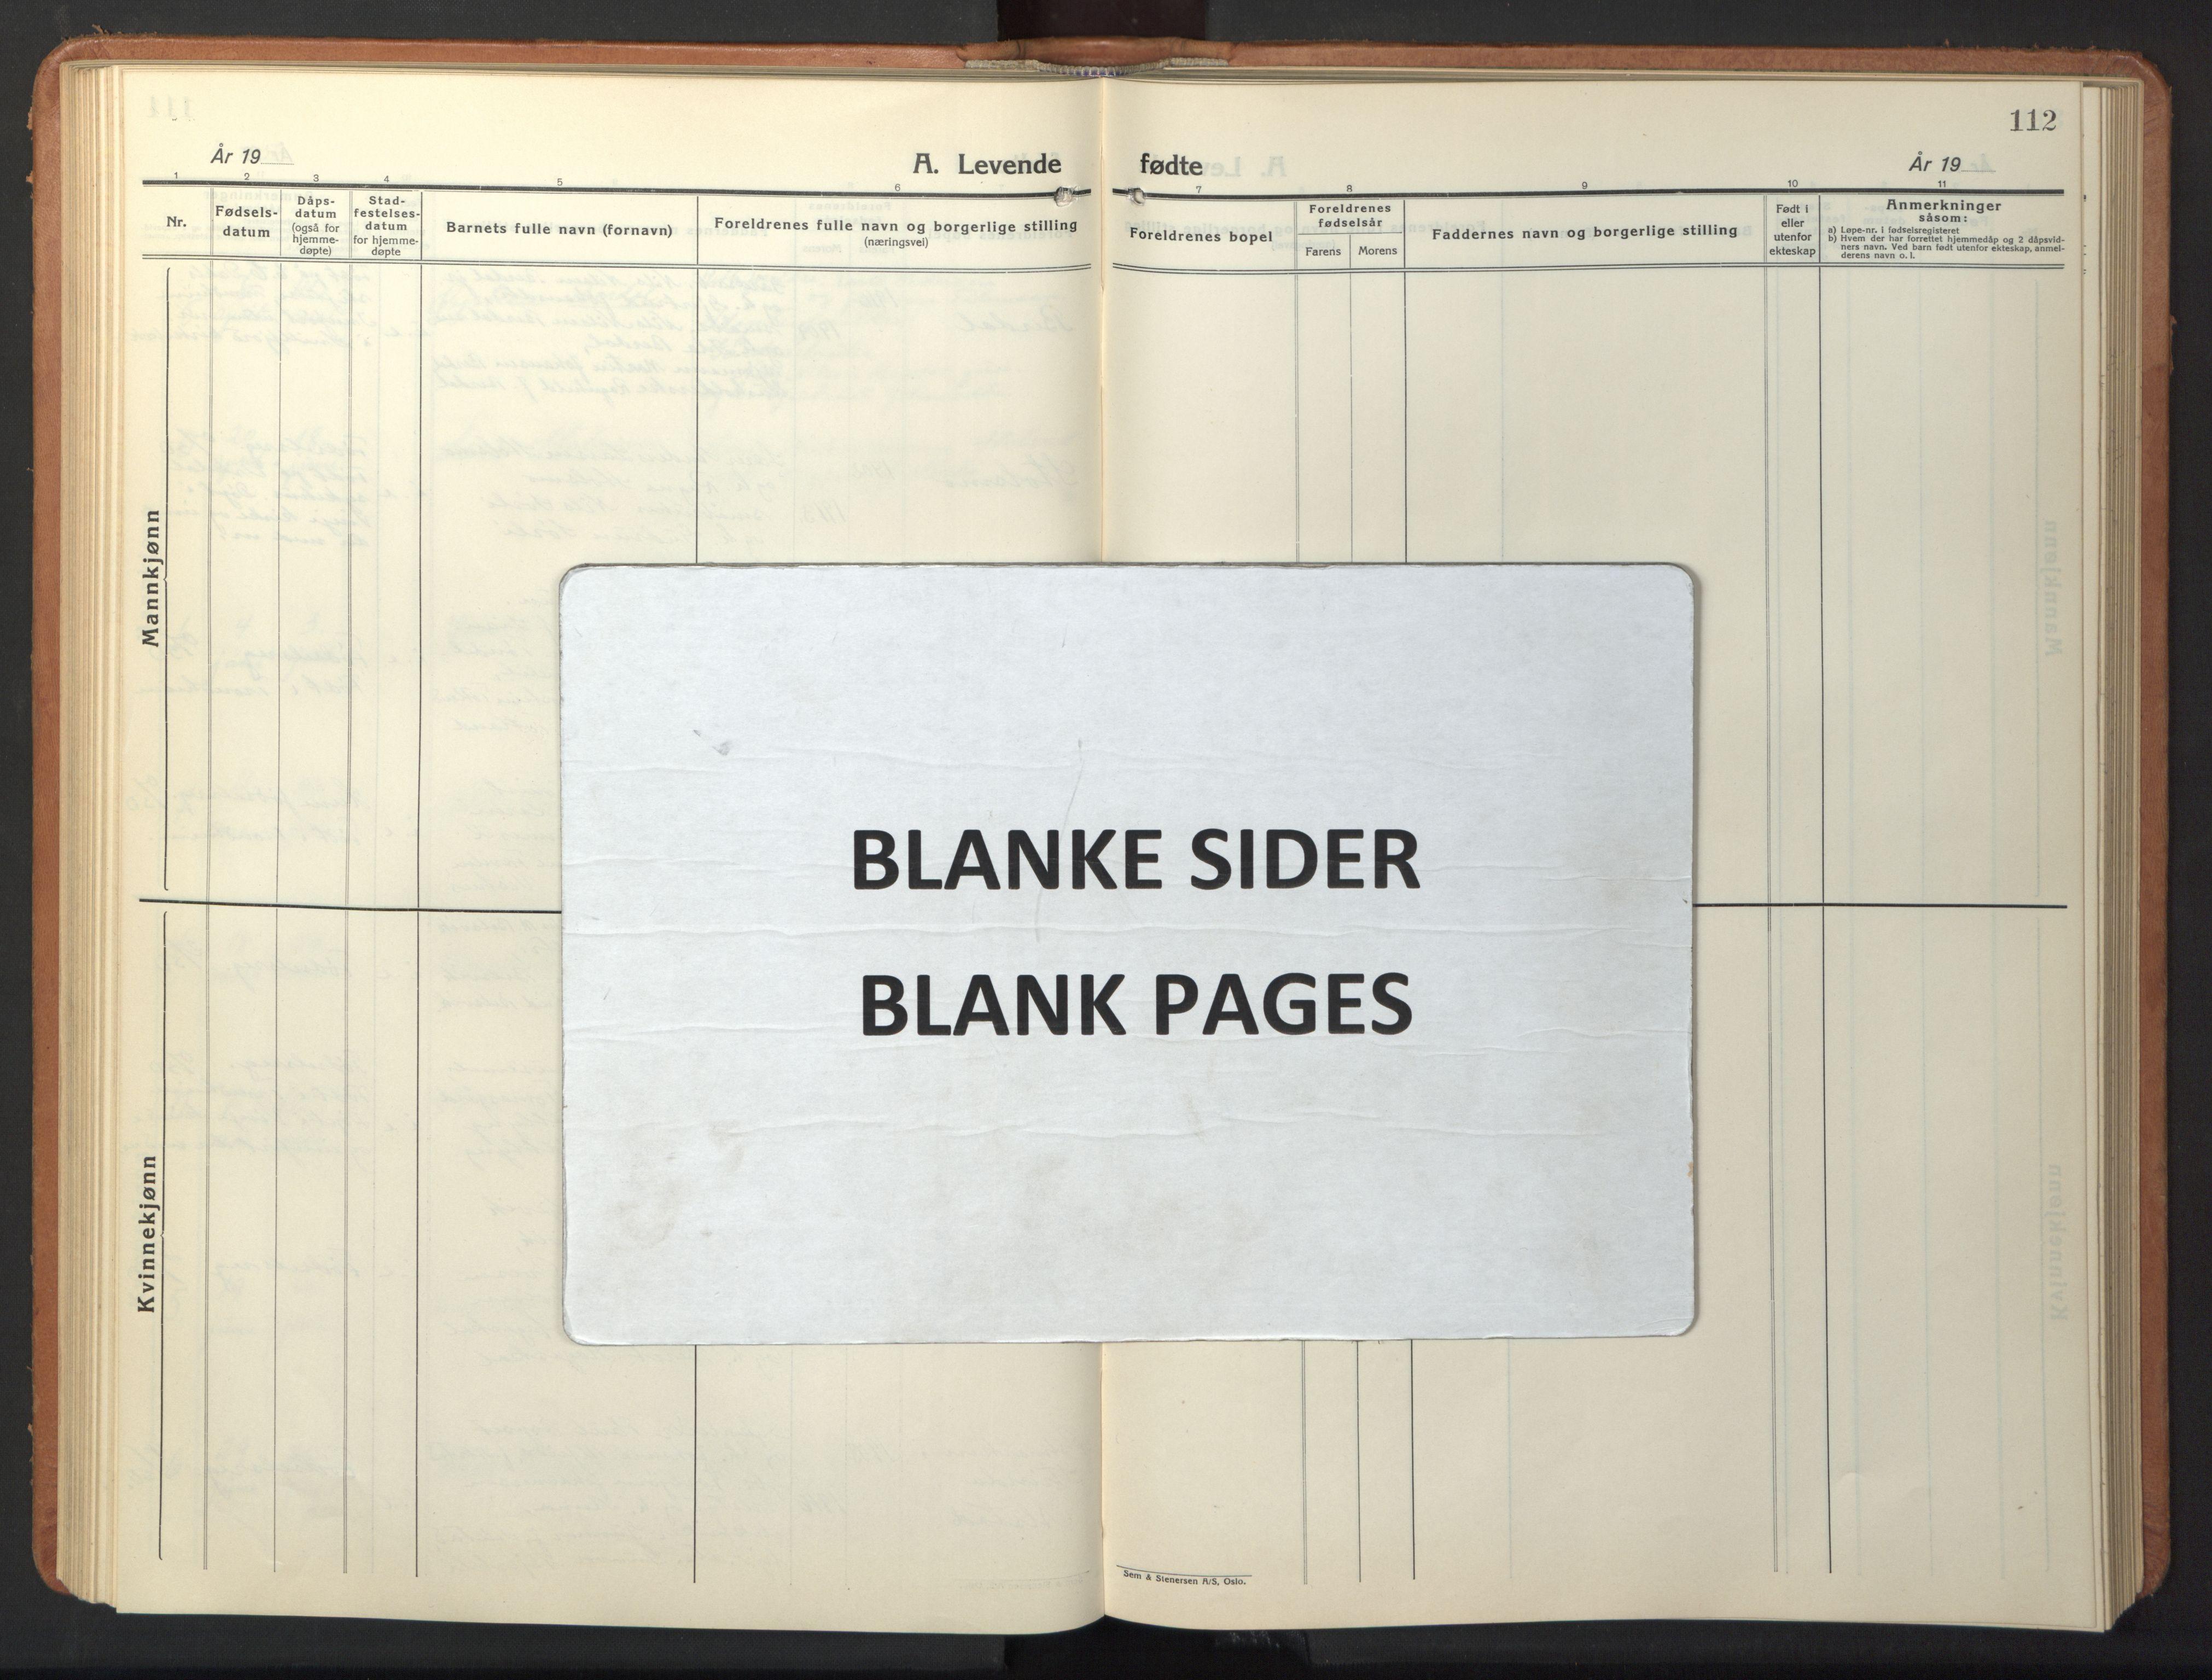 SAT, Ministerialprotokoller, klokkerbøker og fødselsregistre - Sør-Trøndelag, 630/L0508: Klokkerbok nr. 630C06, 1933-1950, s. 112